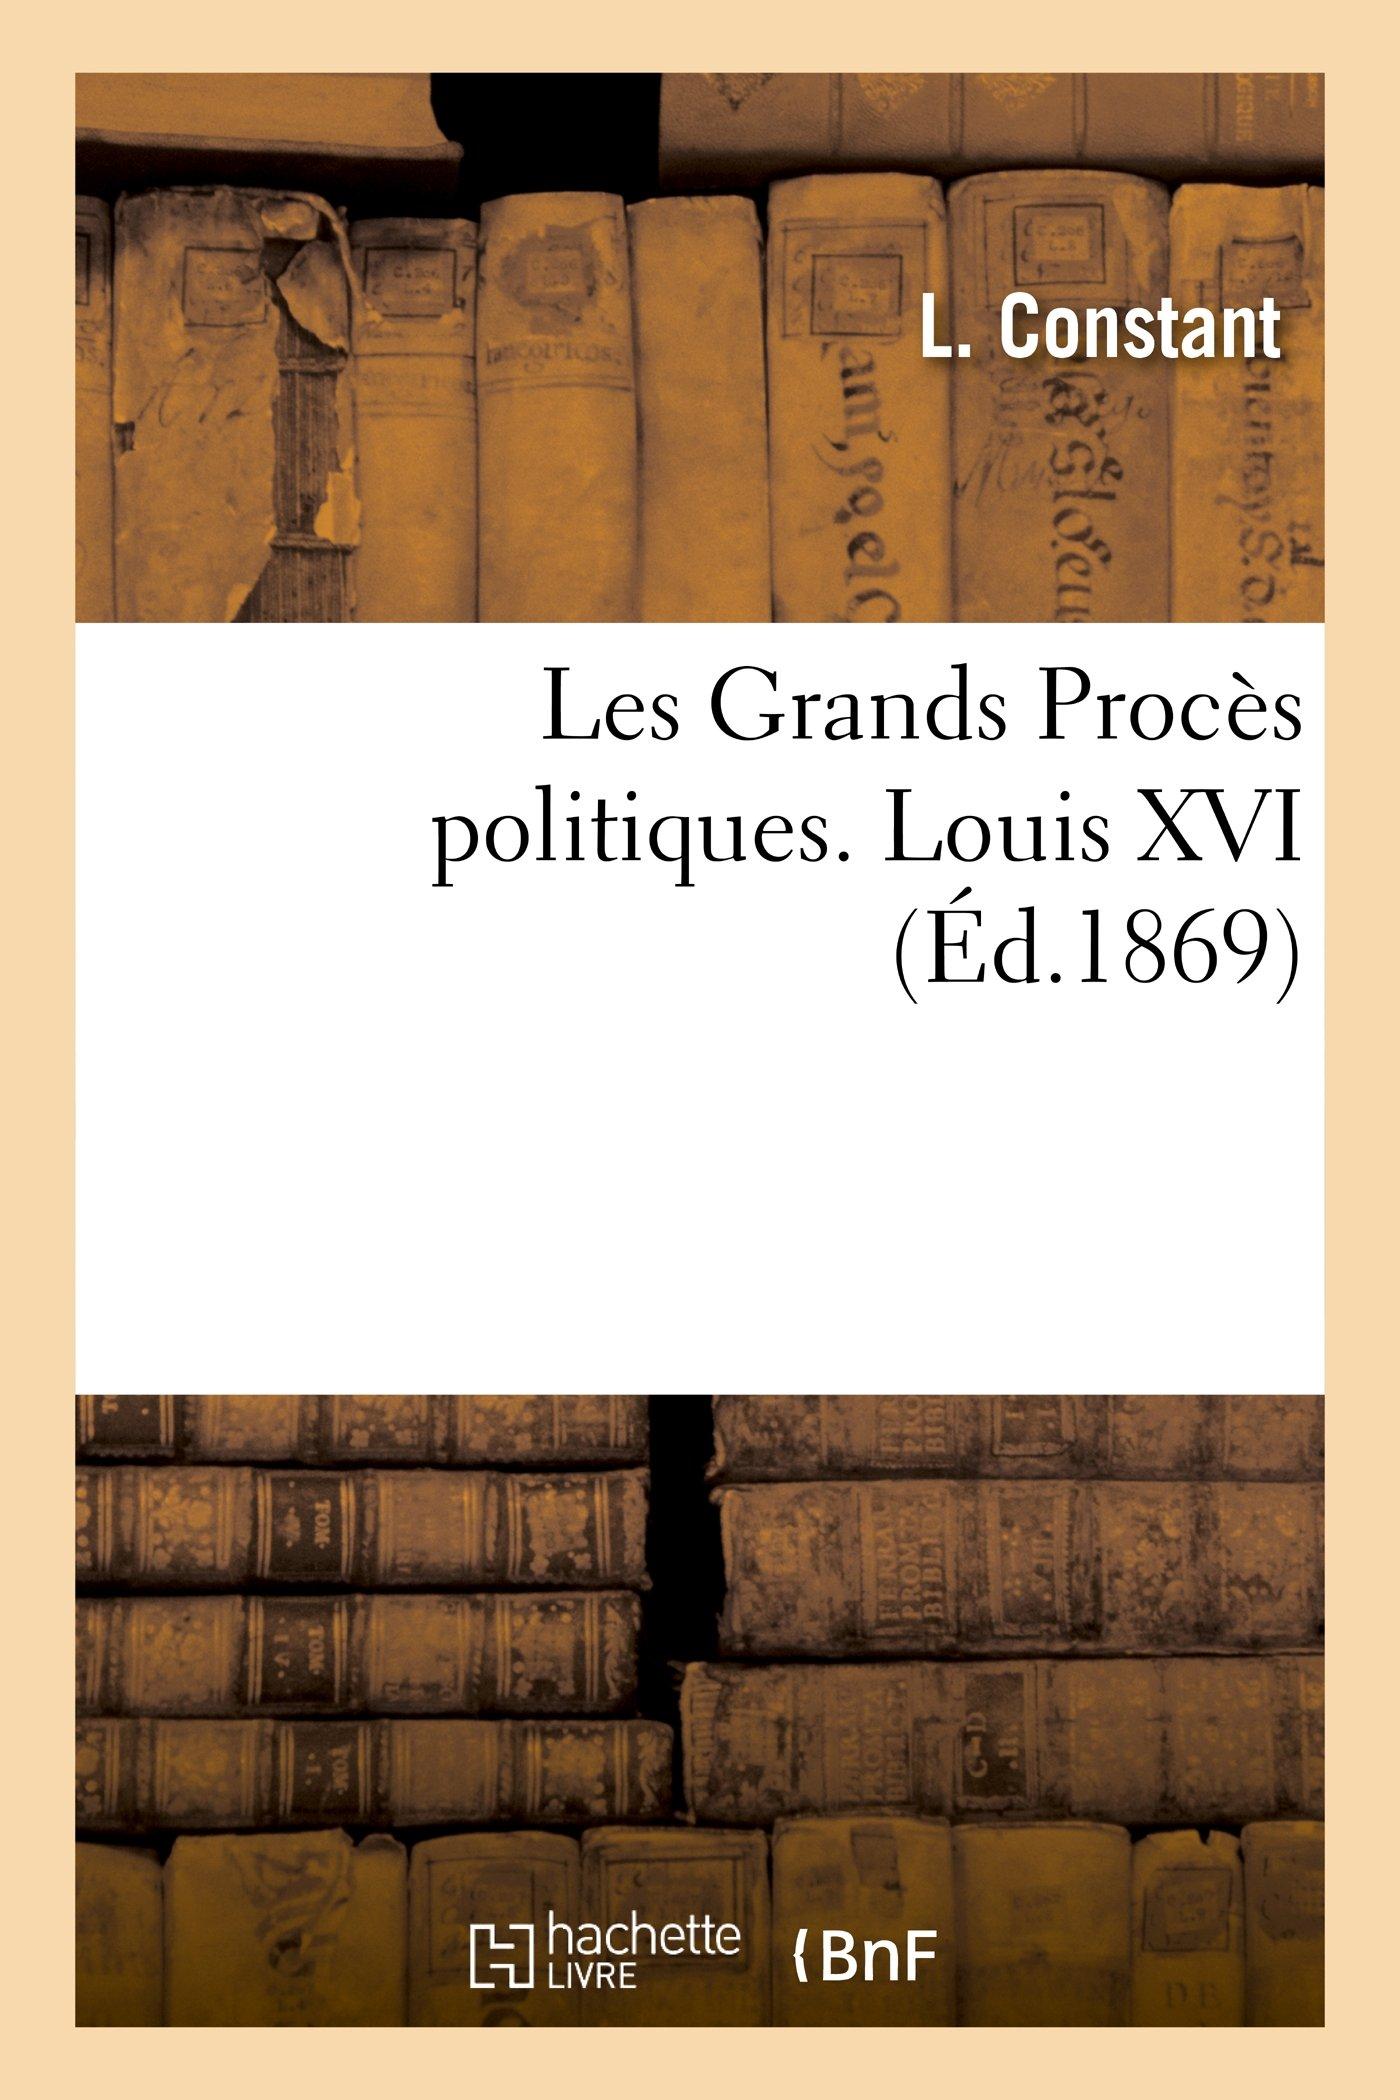 Les Grands Procès politiques. Louis XVI (Histoire) (French Edition) PDF